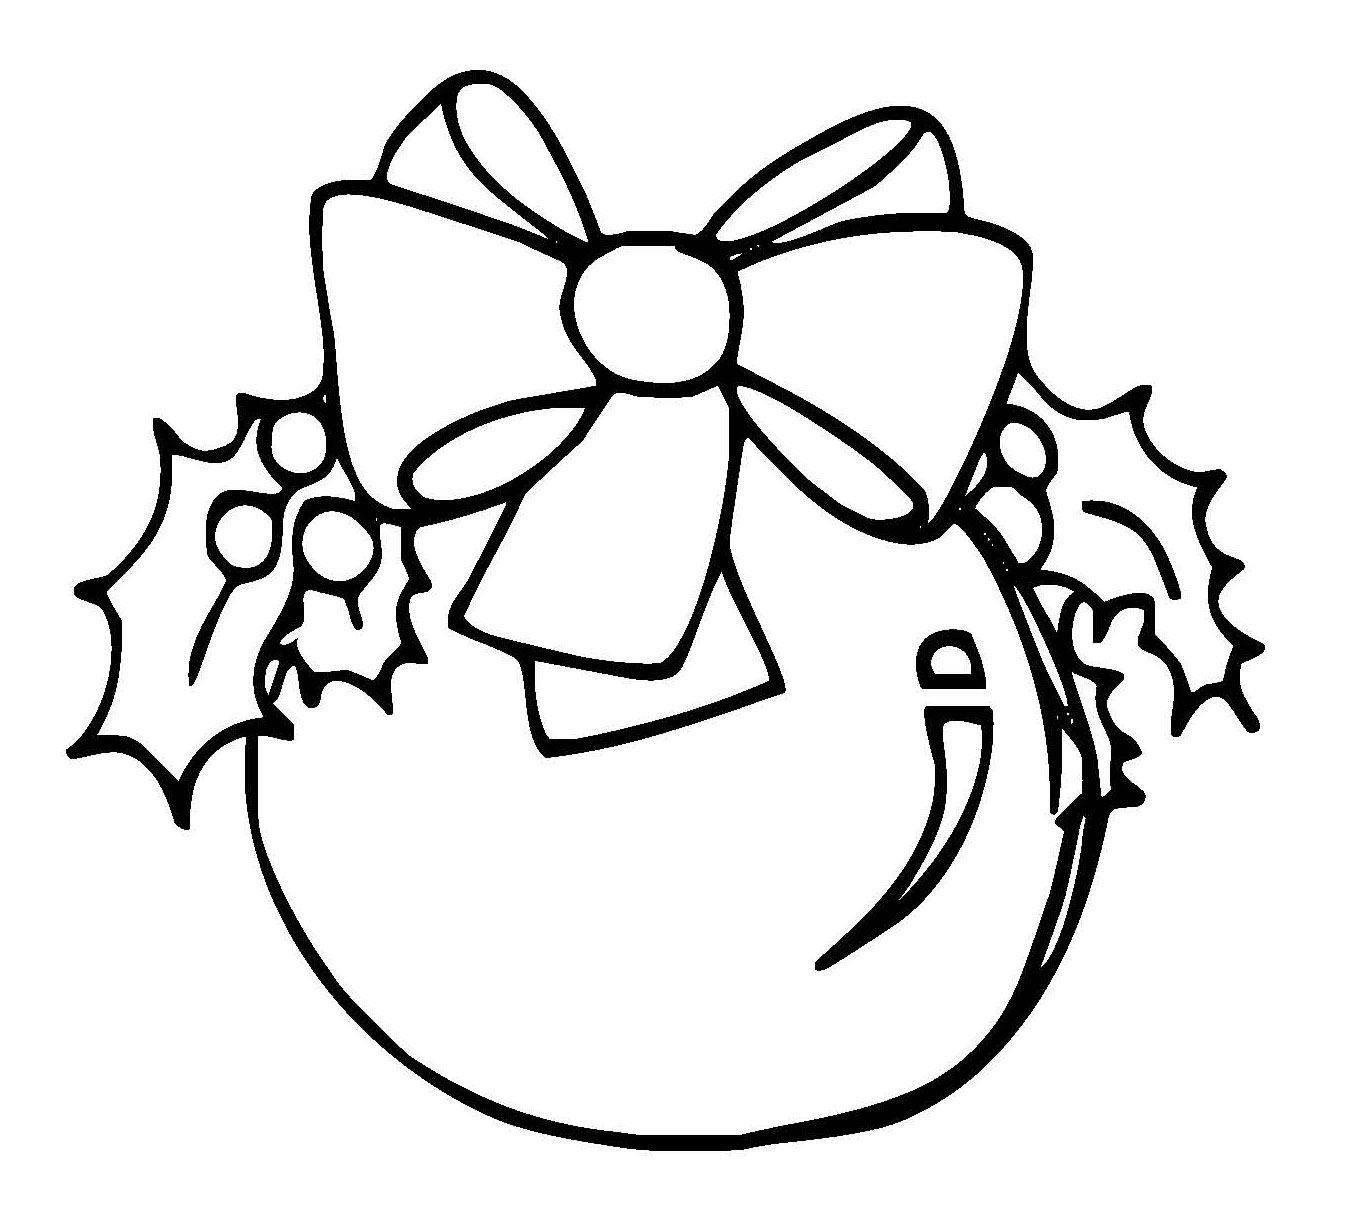 Kostenlose Malvorlage Weihnachten Große Christbaumkugel